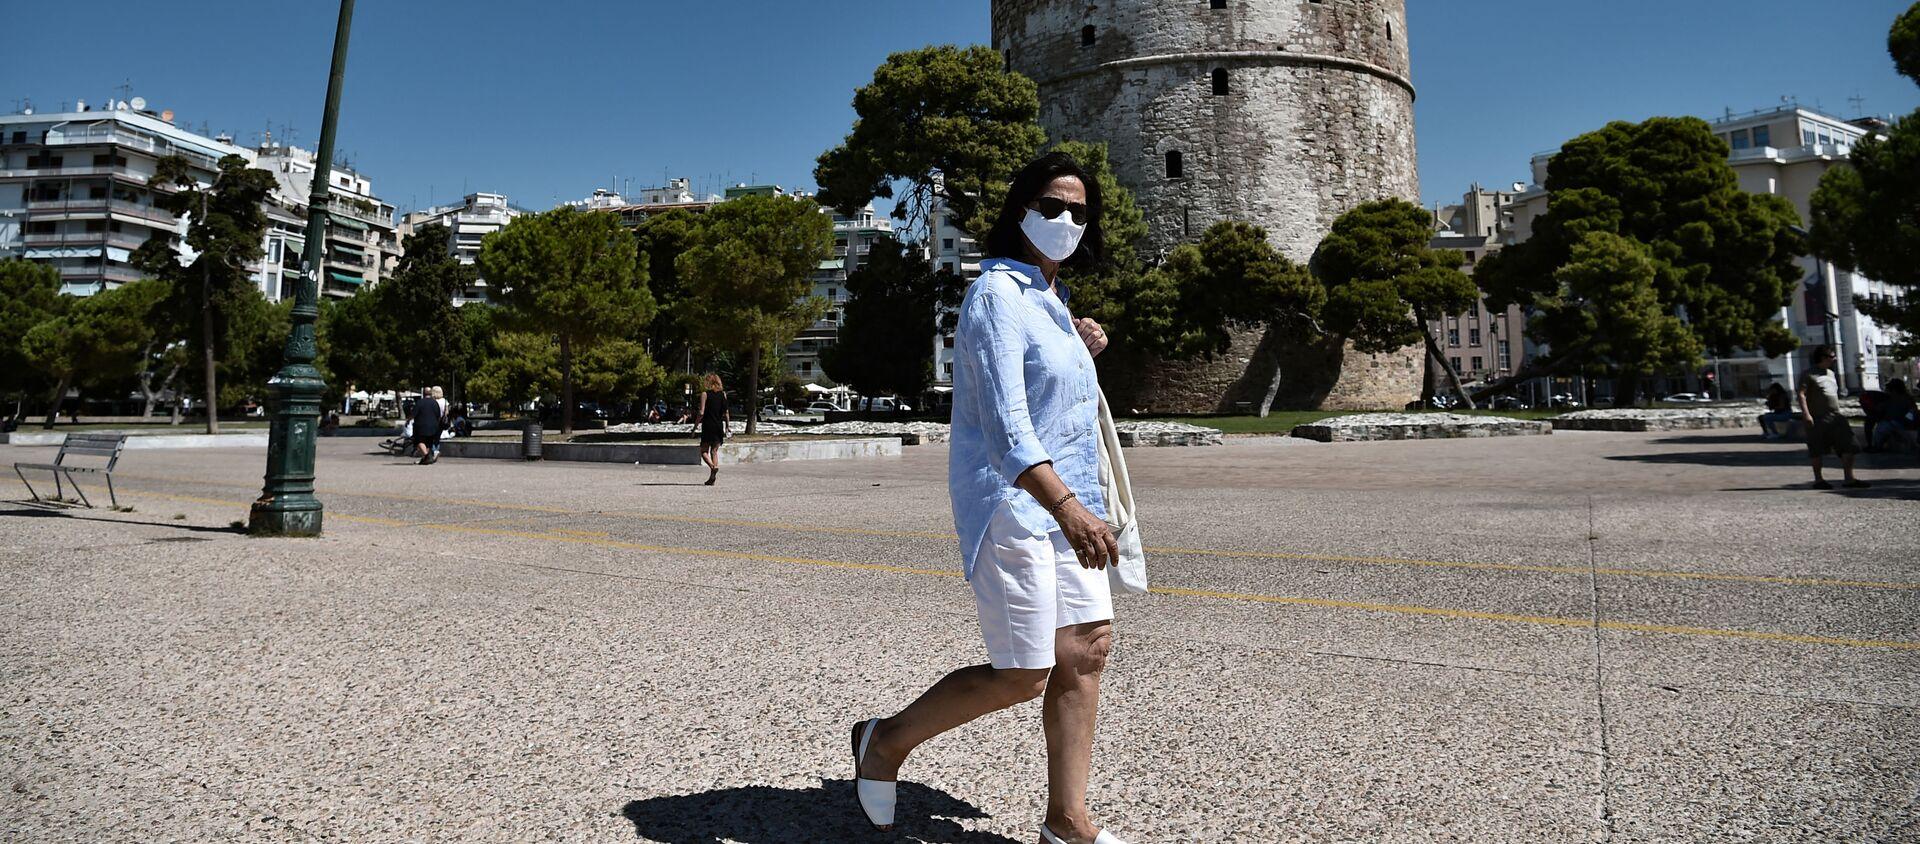 Женщина в защитной маске прогуливается рядом с Белой башней в Салониках  - Sputnik Грузия, 1920, 14.05.2021